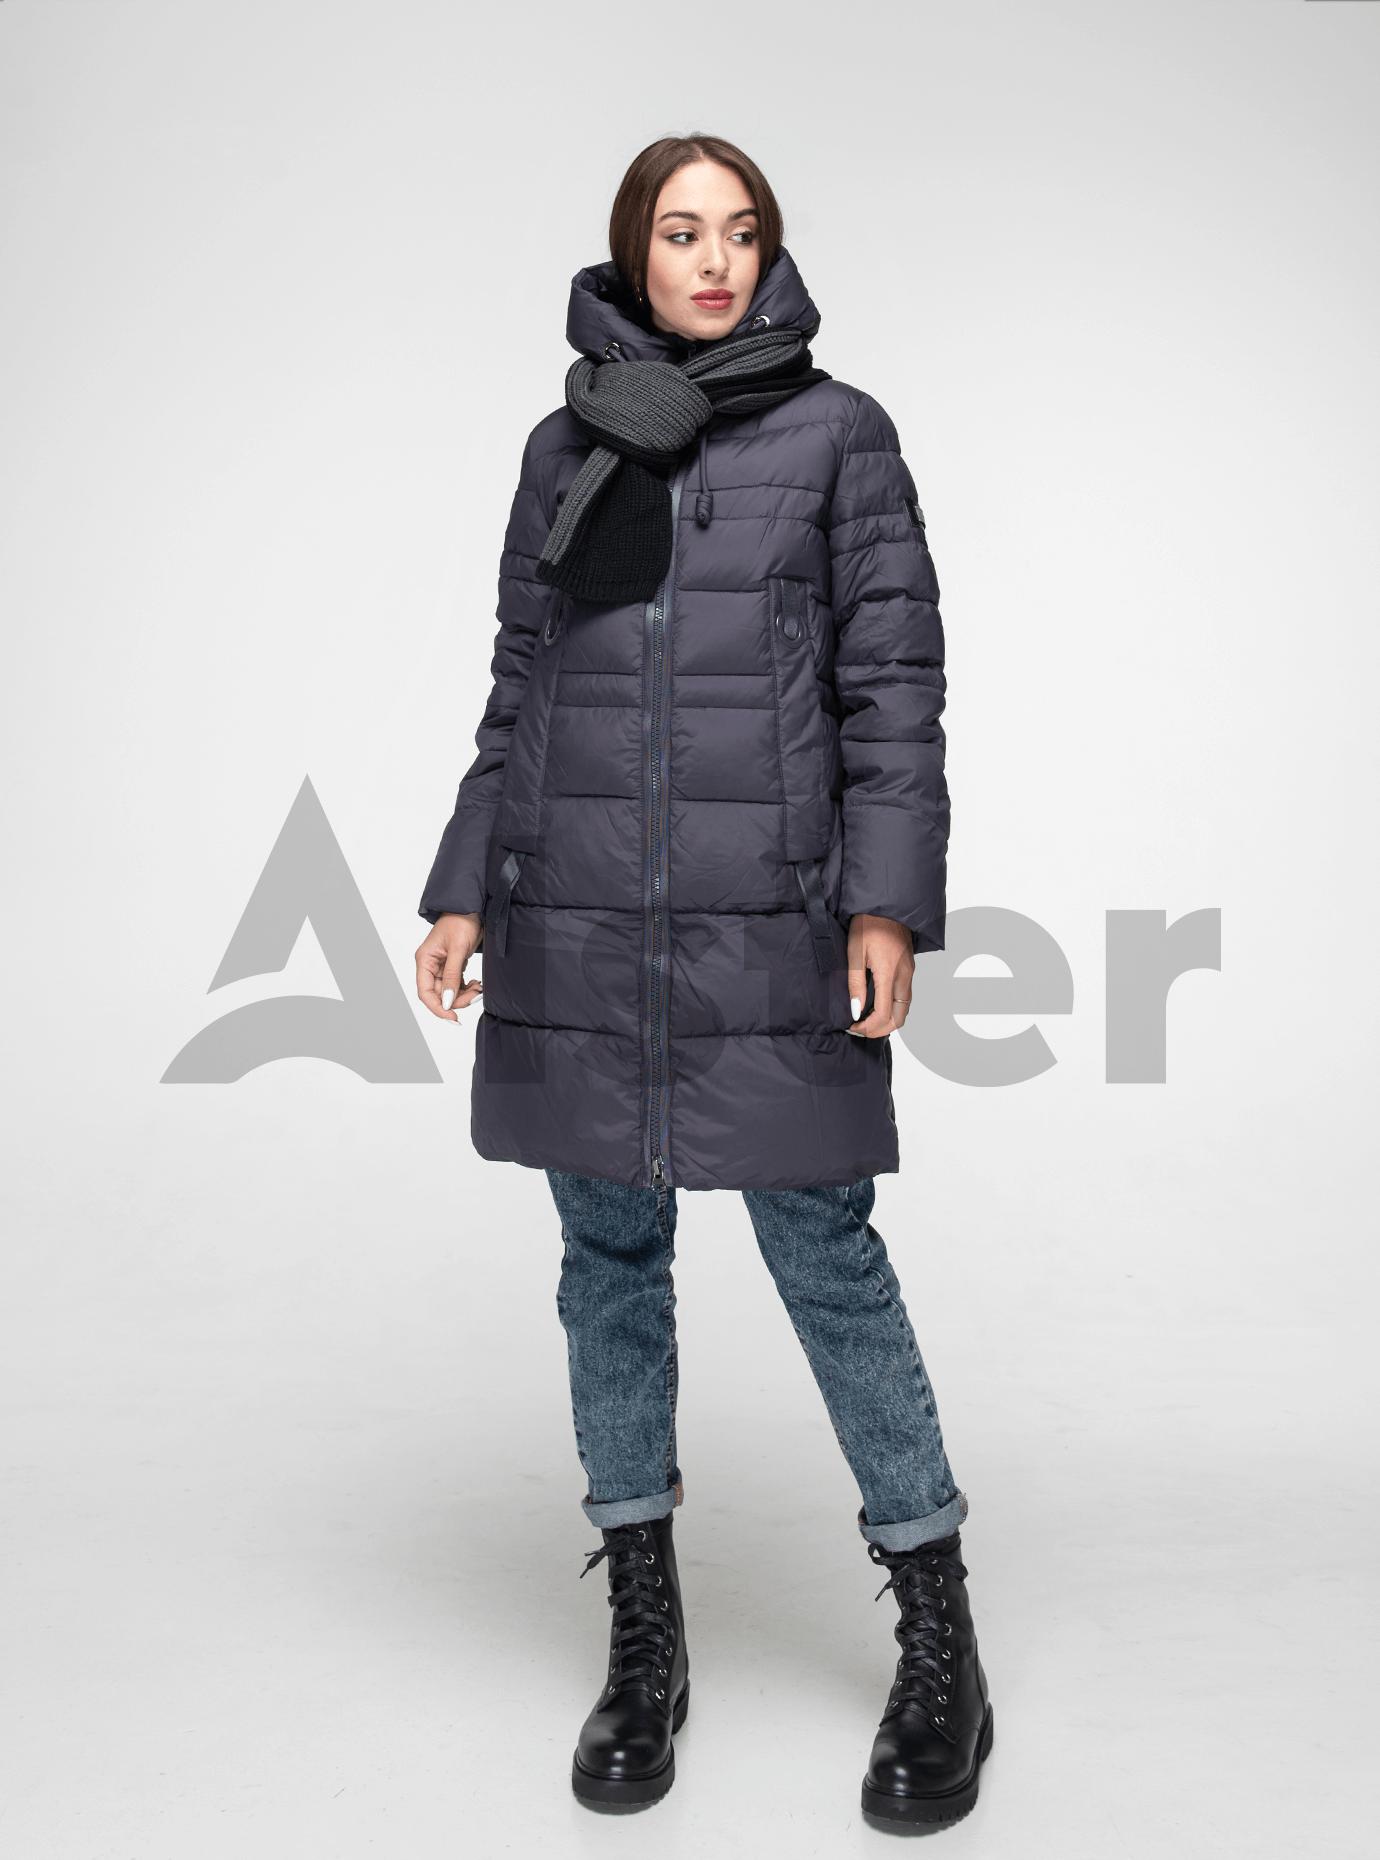 Женская зимняя куртка-снуд Графитовый XL (02-190187): фото - Alster.ua